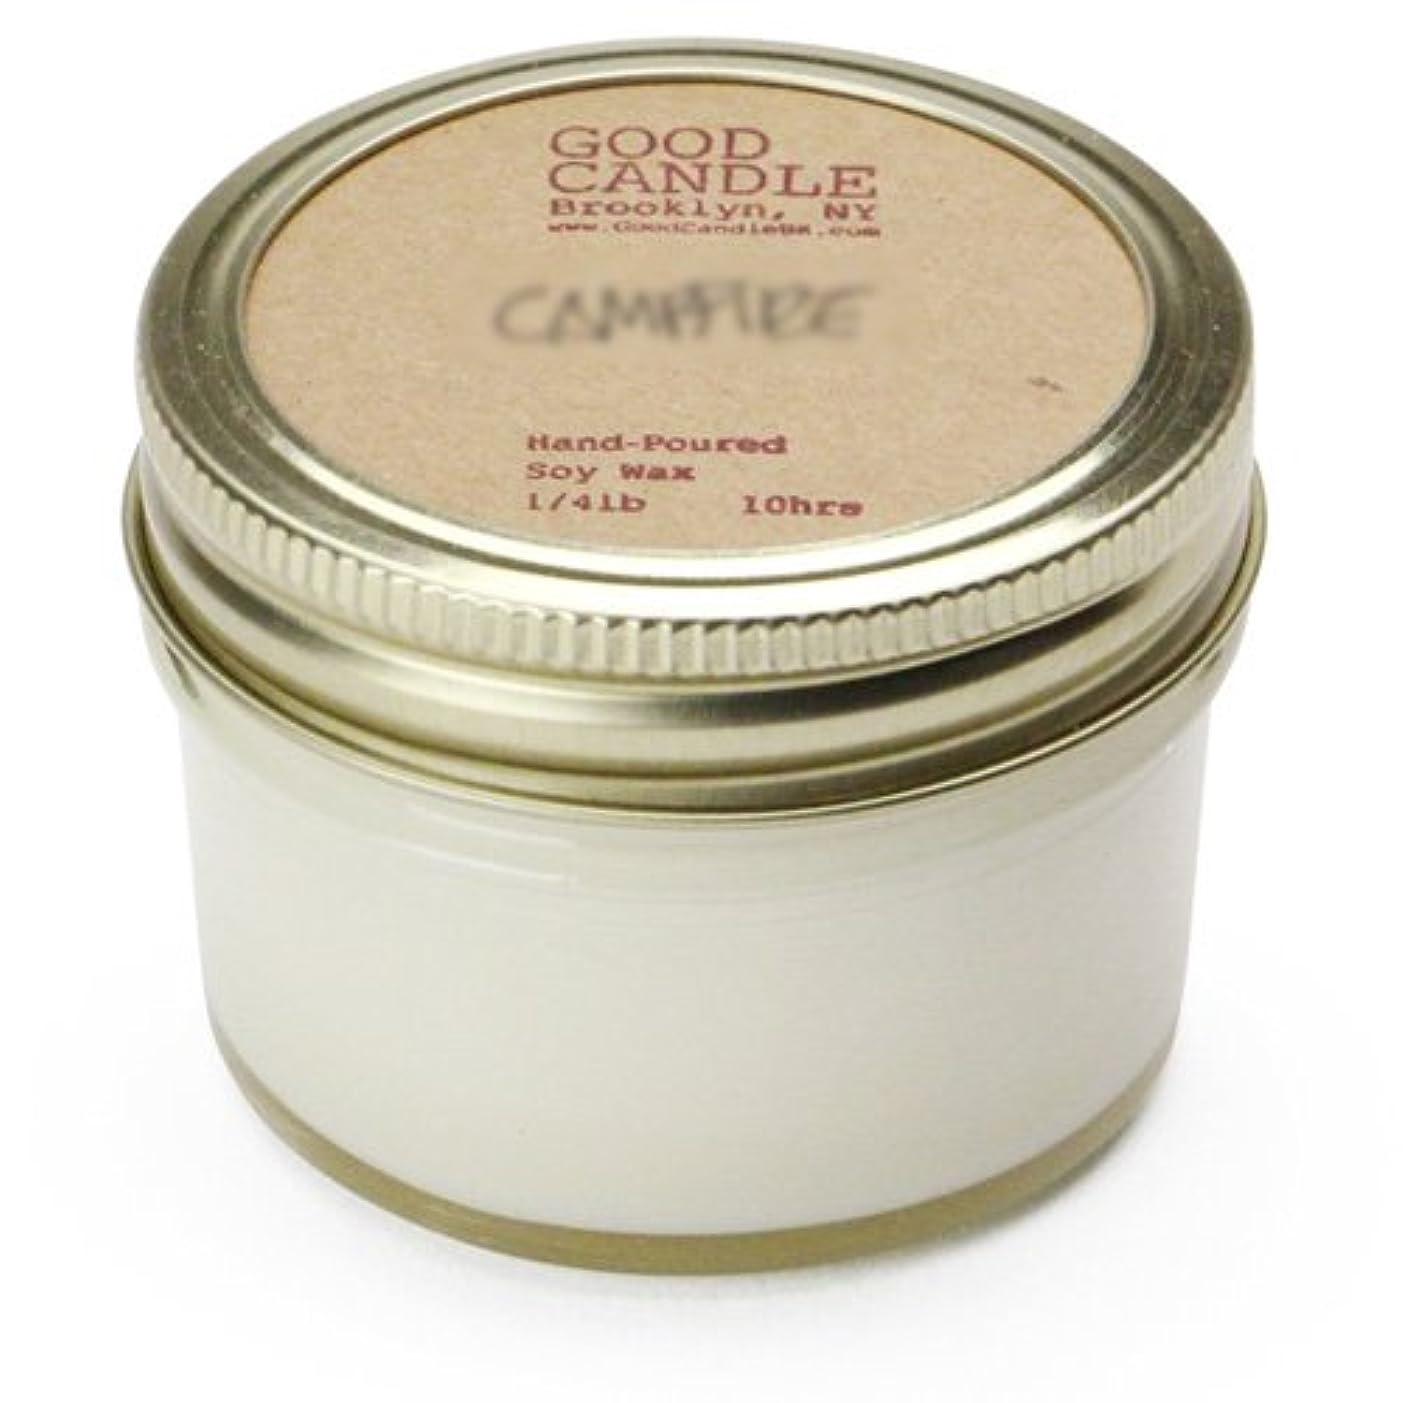 ループ教育する探検グッドキャンドル 1/4ポンド ゼリージャー キャンドル Good Candle 1/4LB Jelly jar candle [ Basil ] 正規品